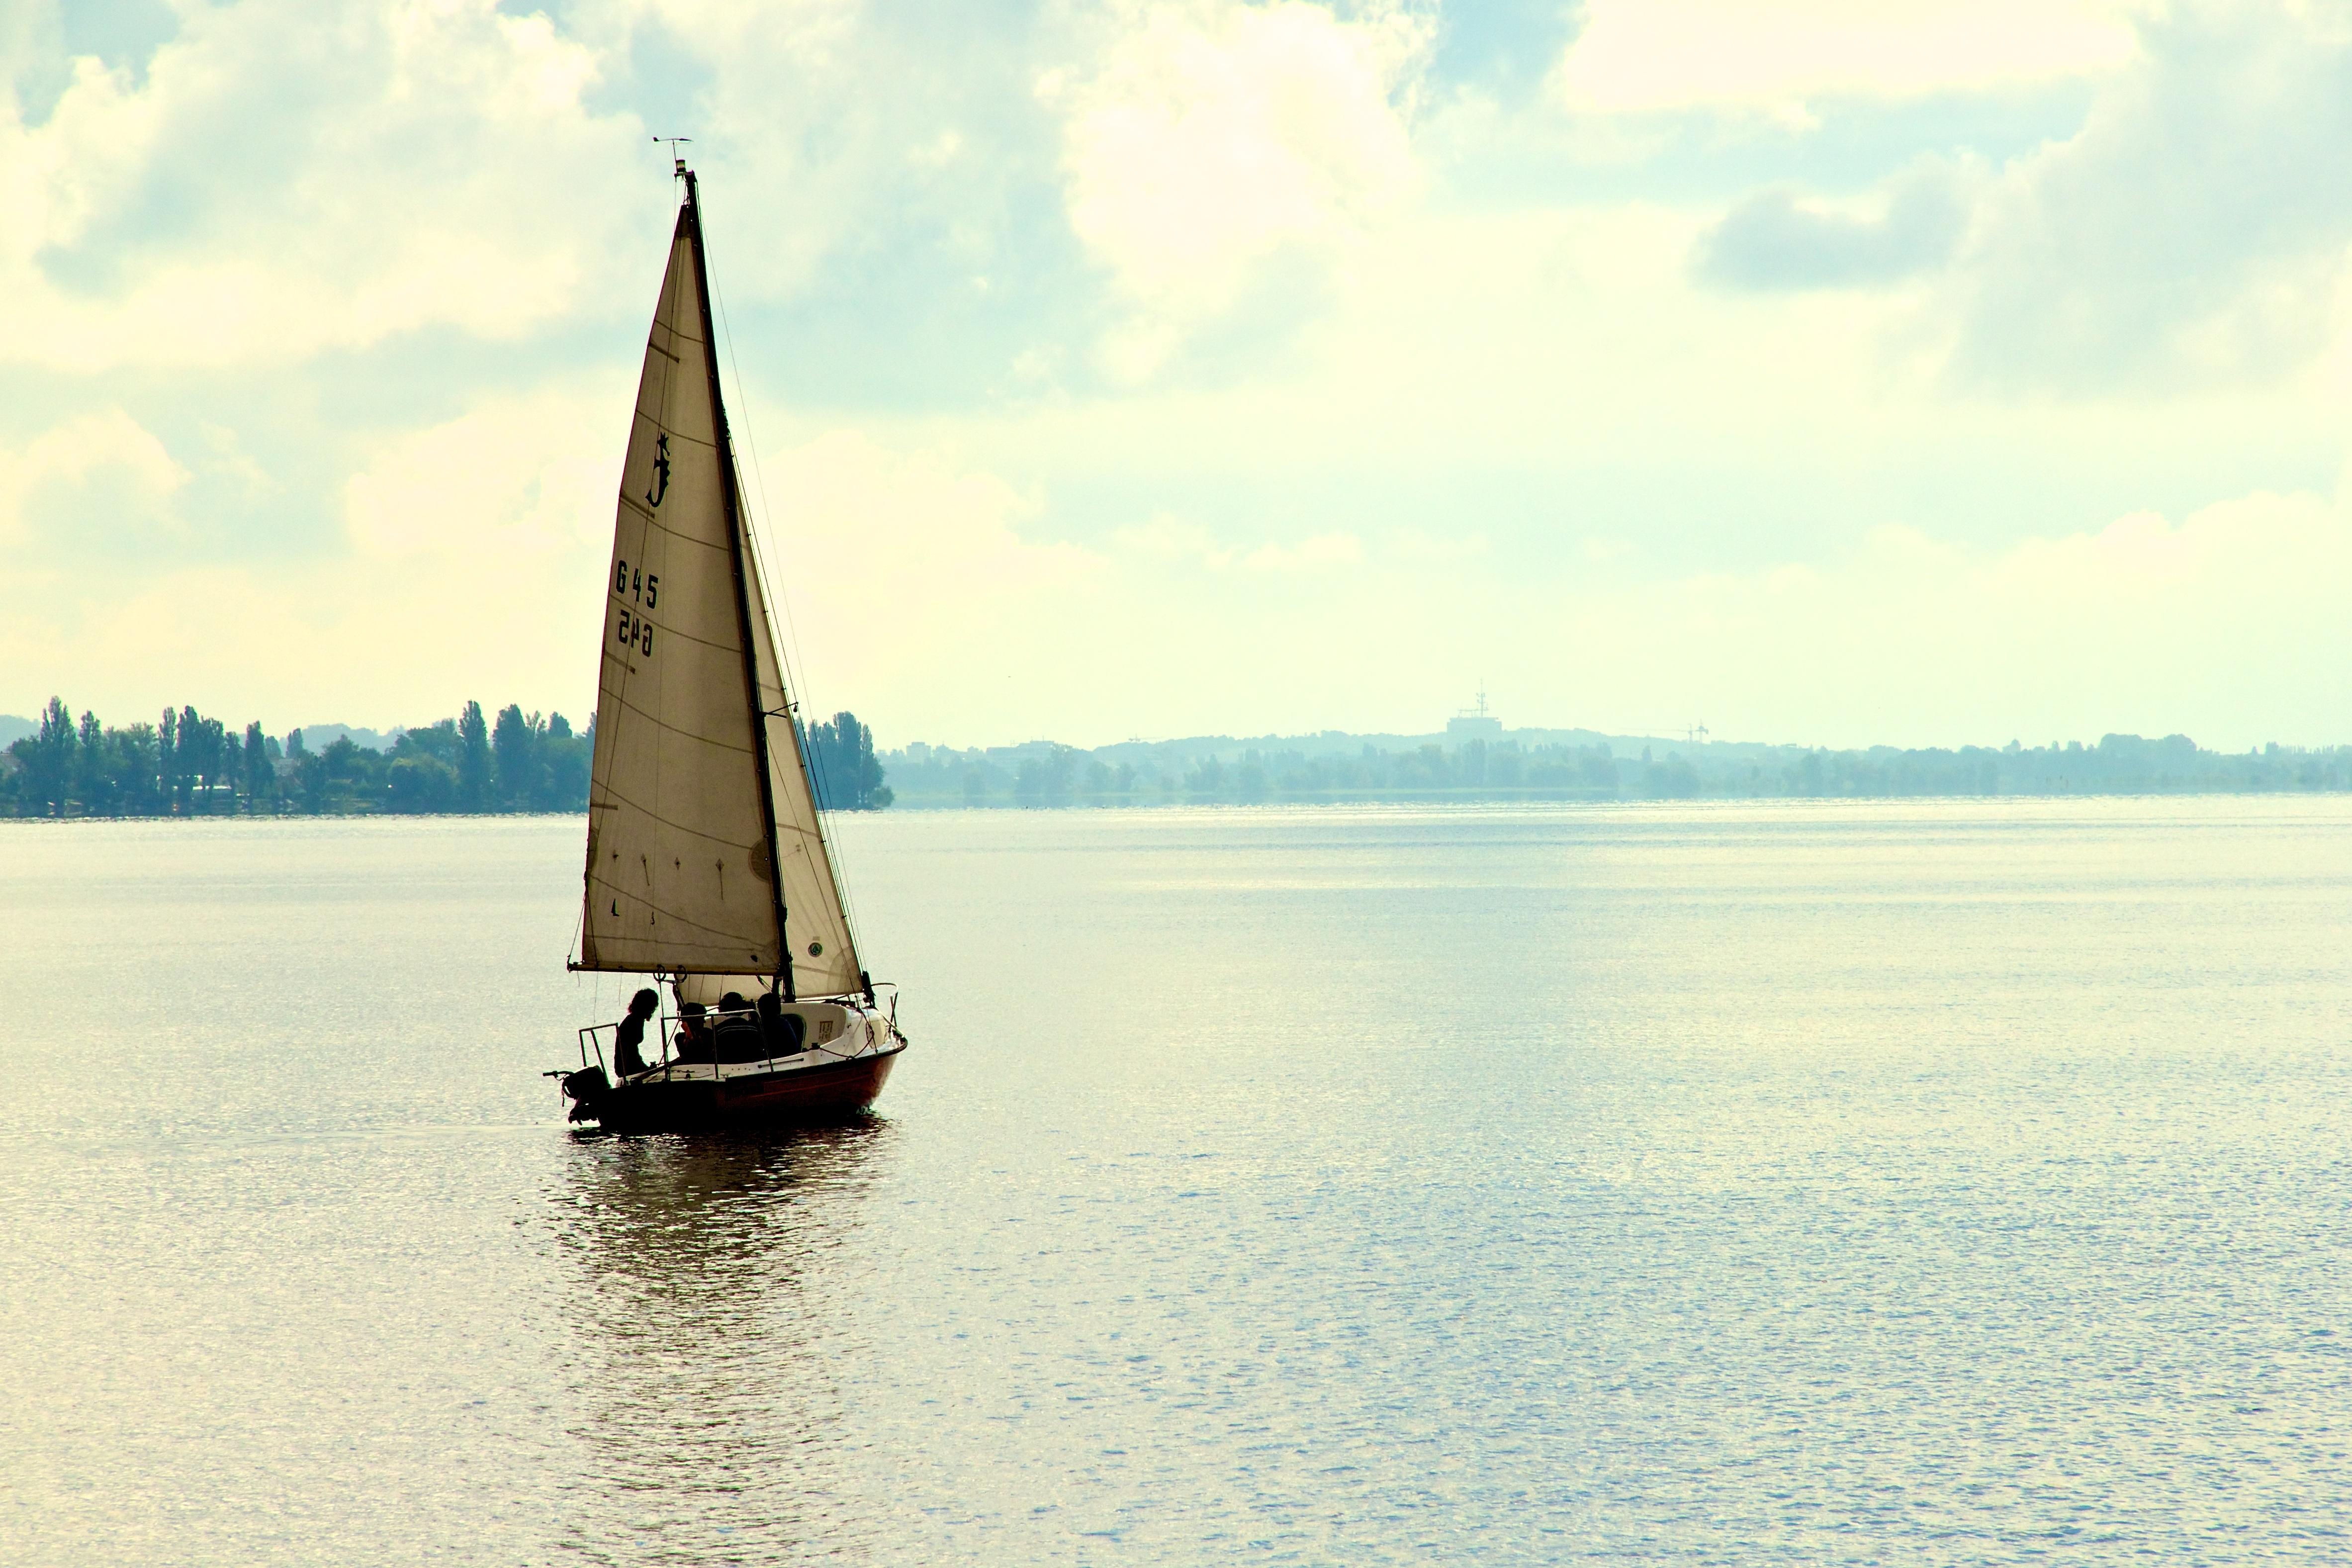 Картинки лодки с парусом